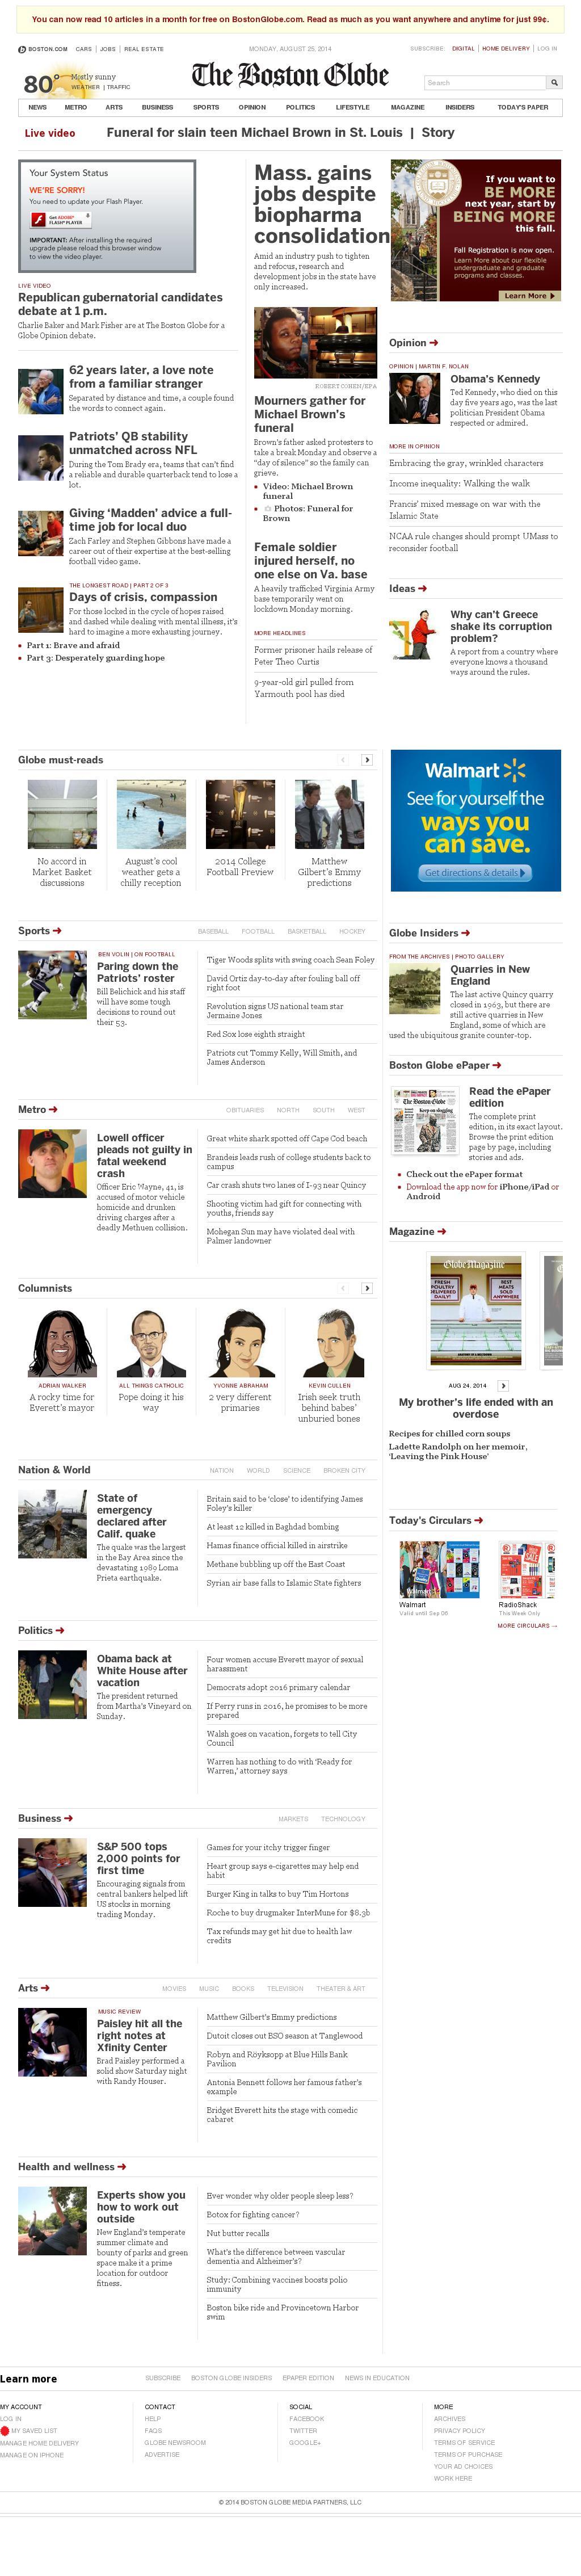 The Boston Globe at Monday Aug. 25, 2014, 5:02 p.m. UTC